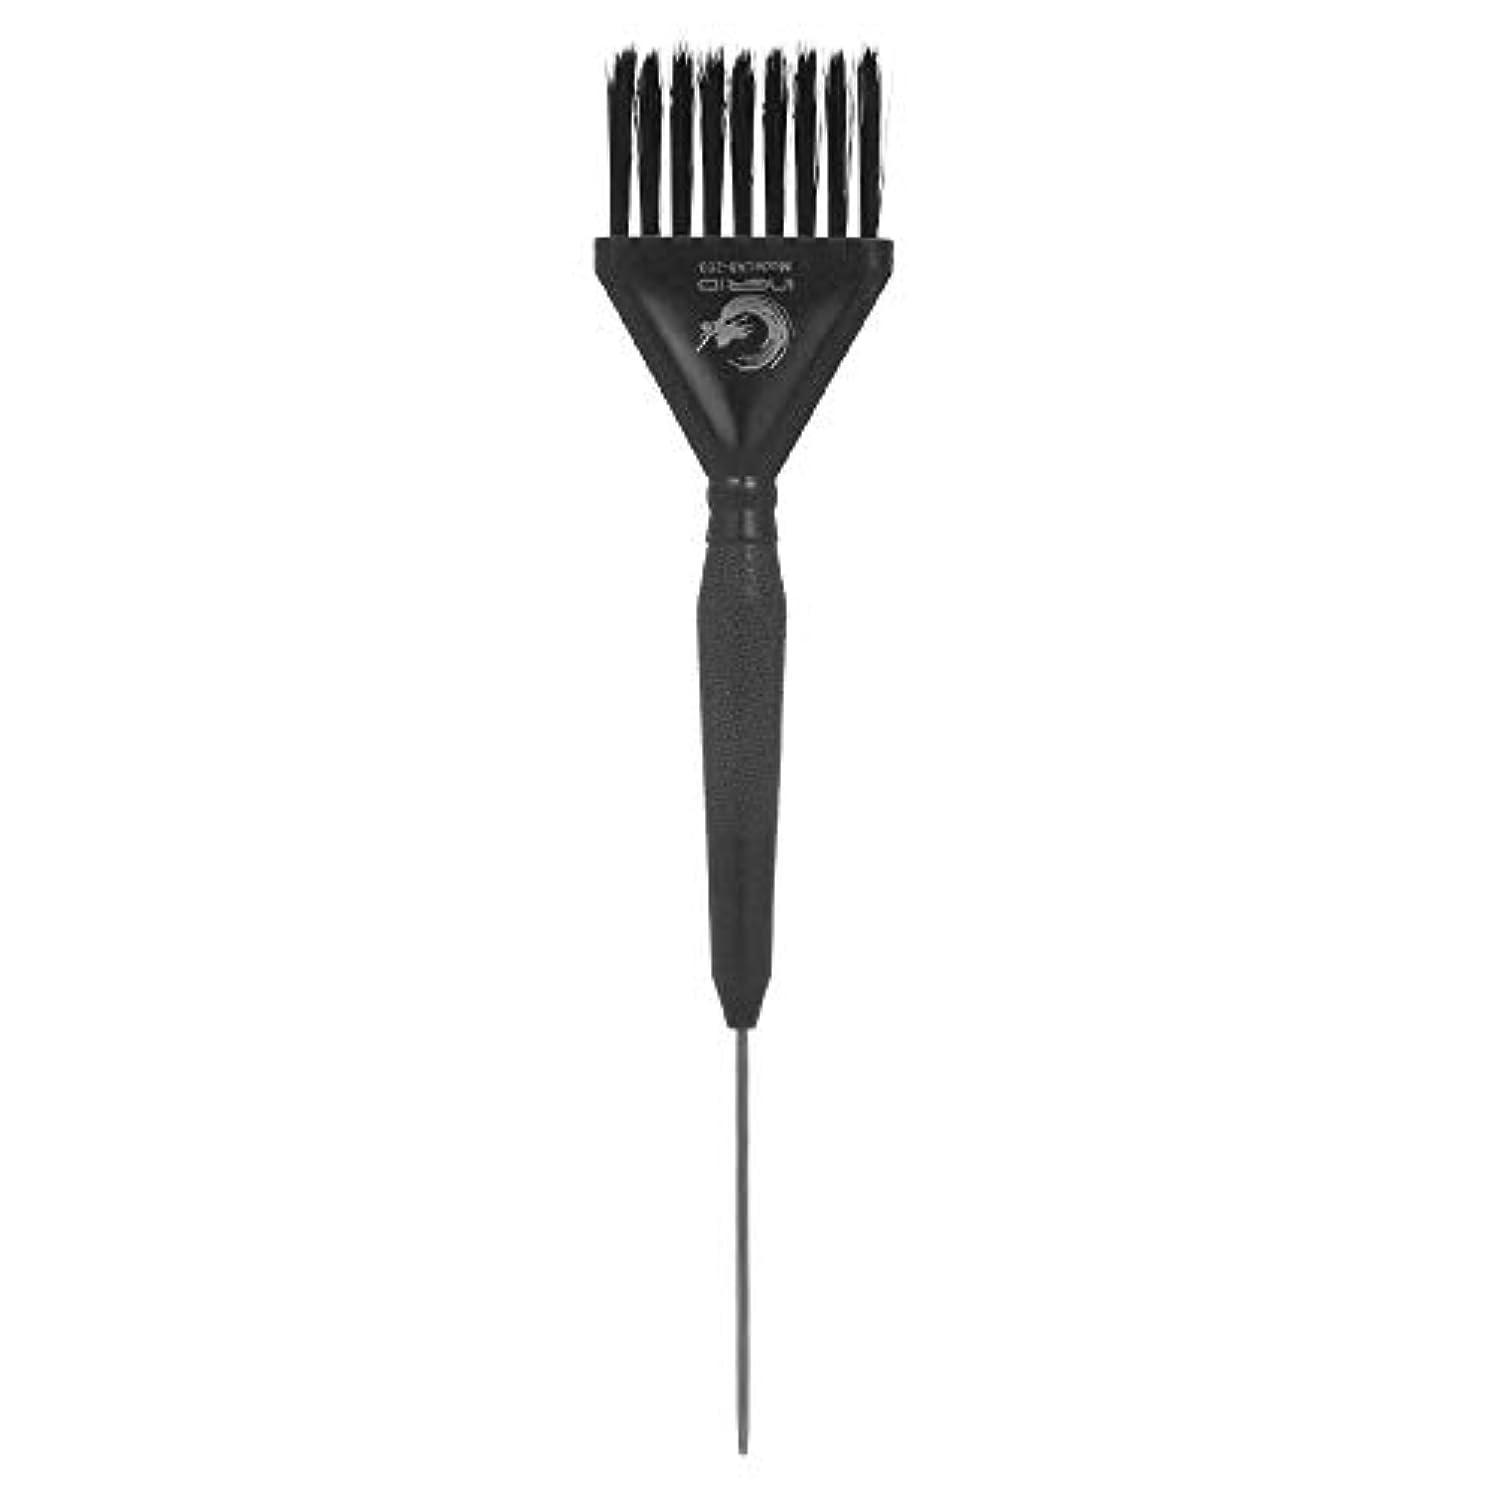 個性乳剤ジャンクDecdeal 染毛ブラシ ヘアダイブラシ プロ用 DIY 髪染め用 サロン 美髪師用 ヘアカラーの用具